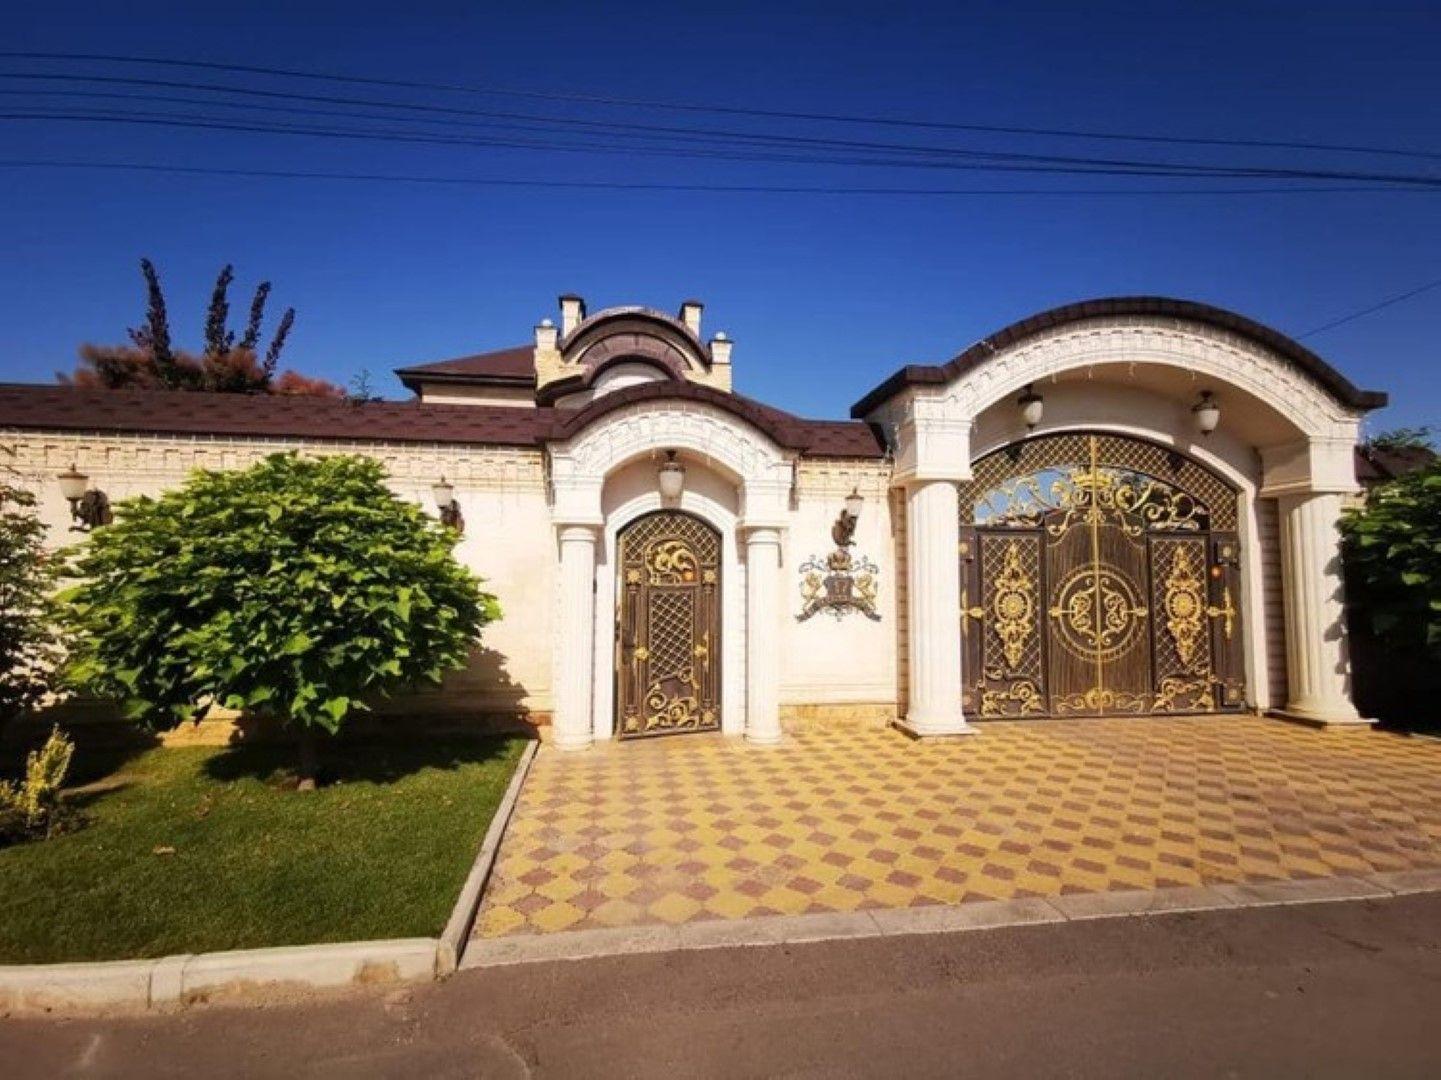 Златната декорация започва още от портата на имота